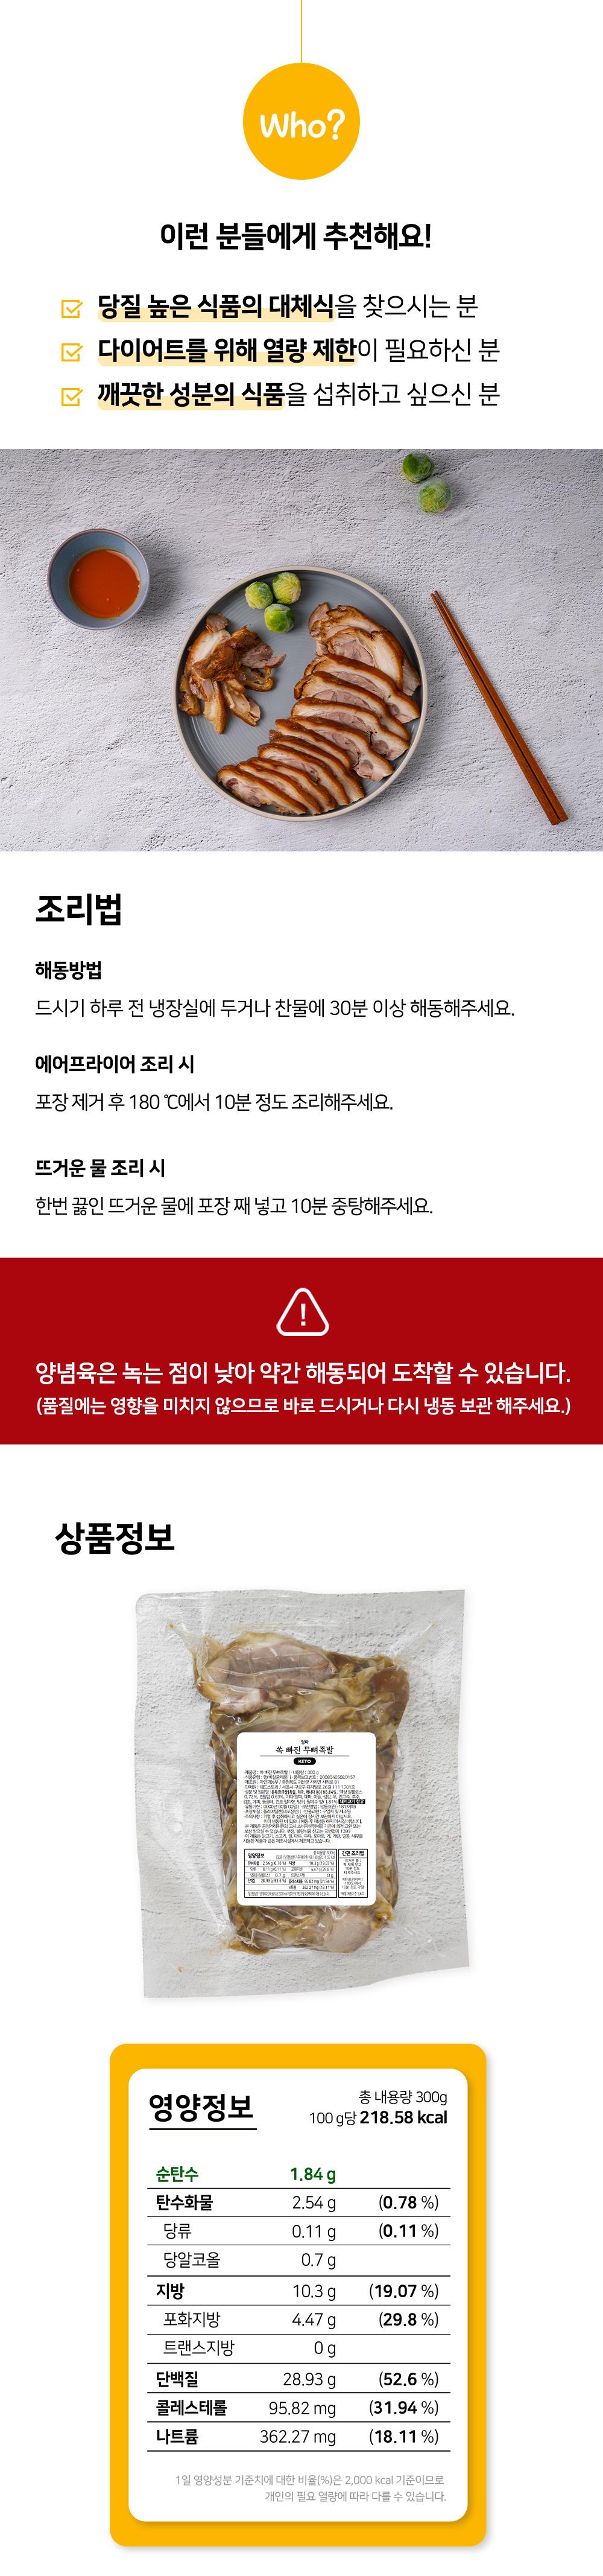 무뼈,매콤족발4.jpg